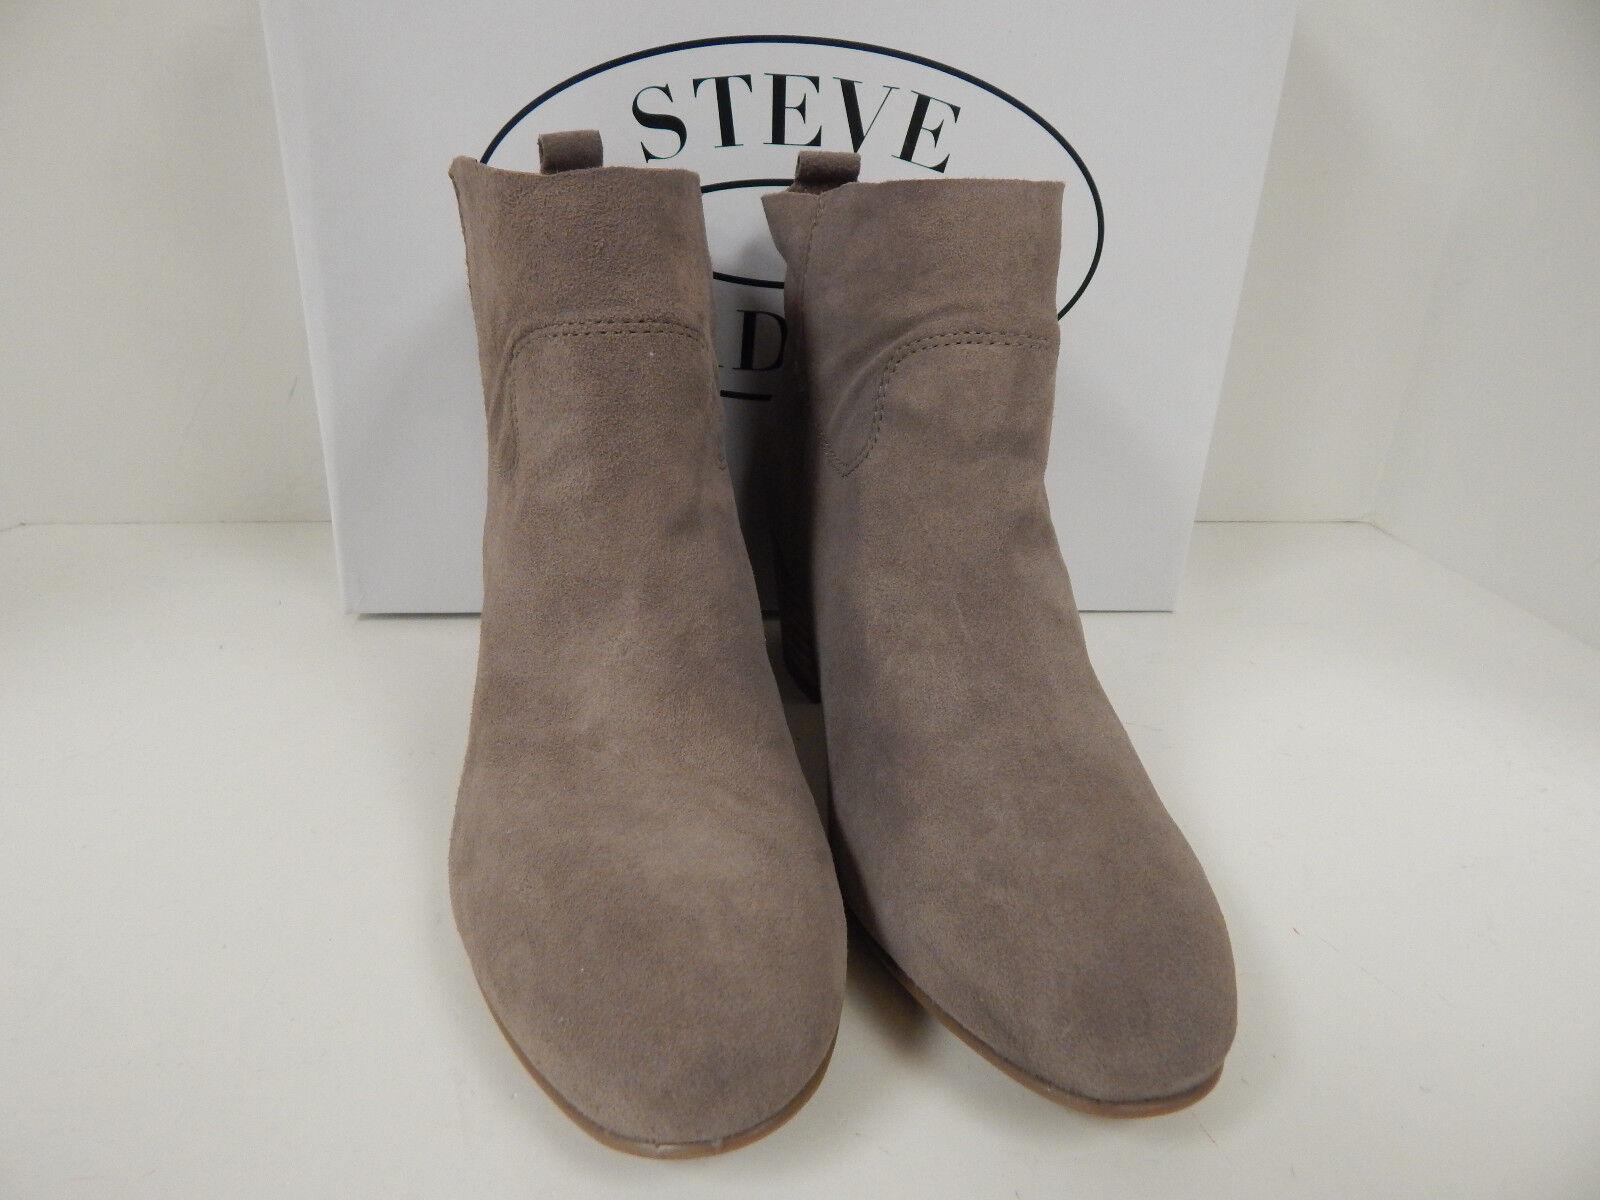 Steve Madden Harber Taupe Suede Leder New Slip On Ankle Stiefel New Leder 2a3e38